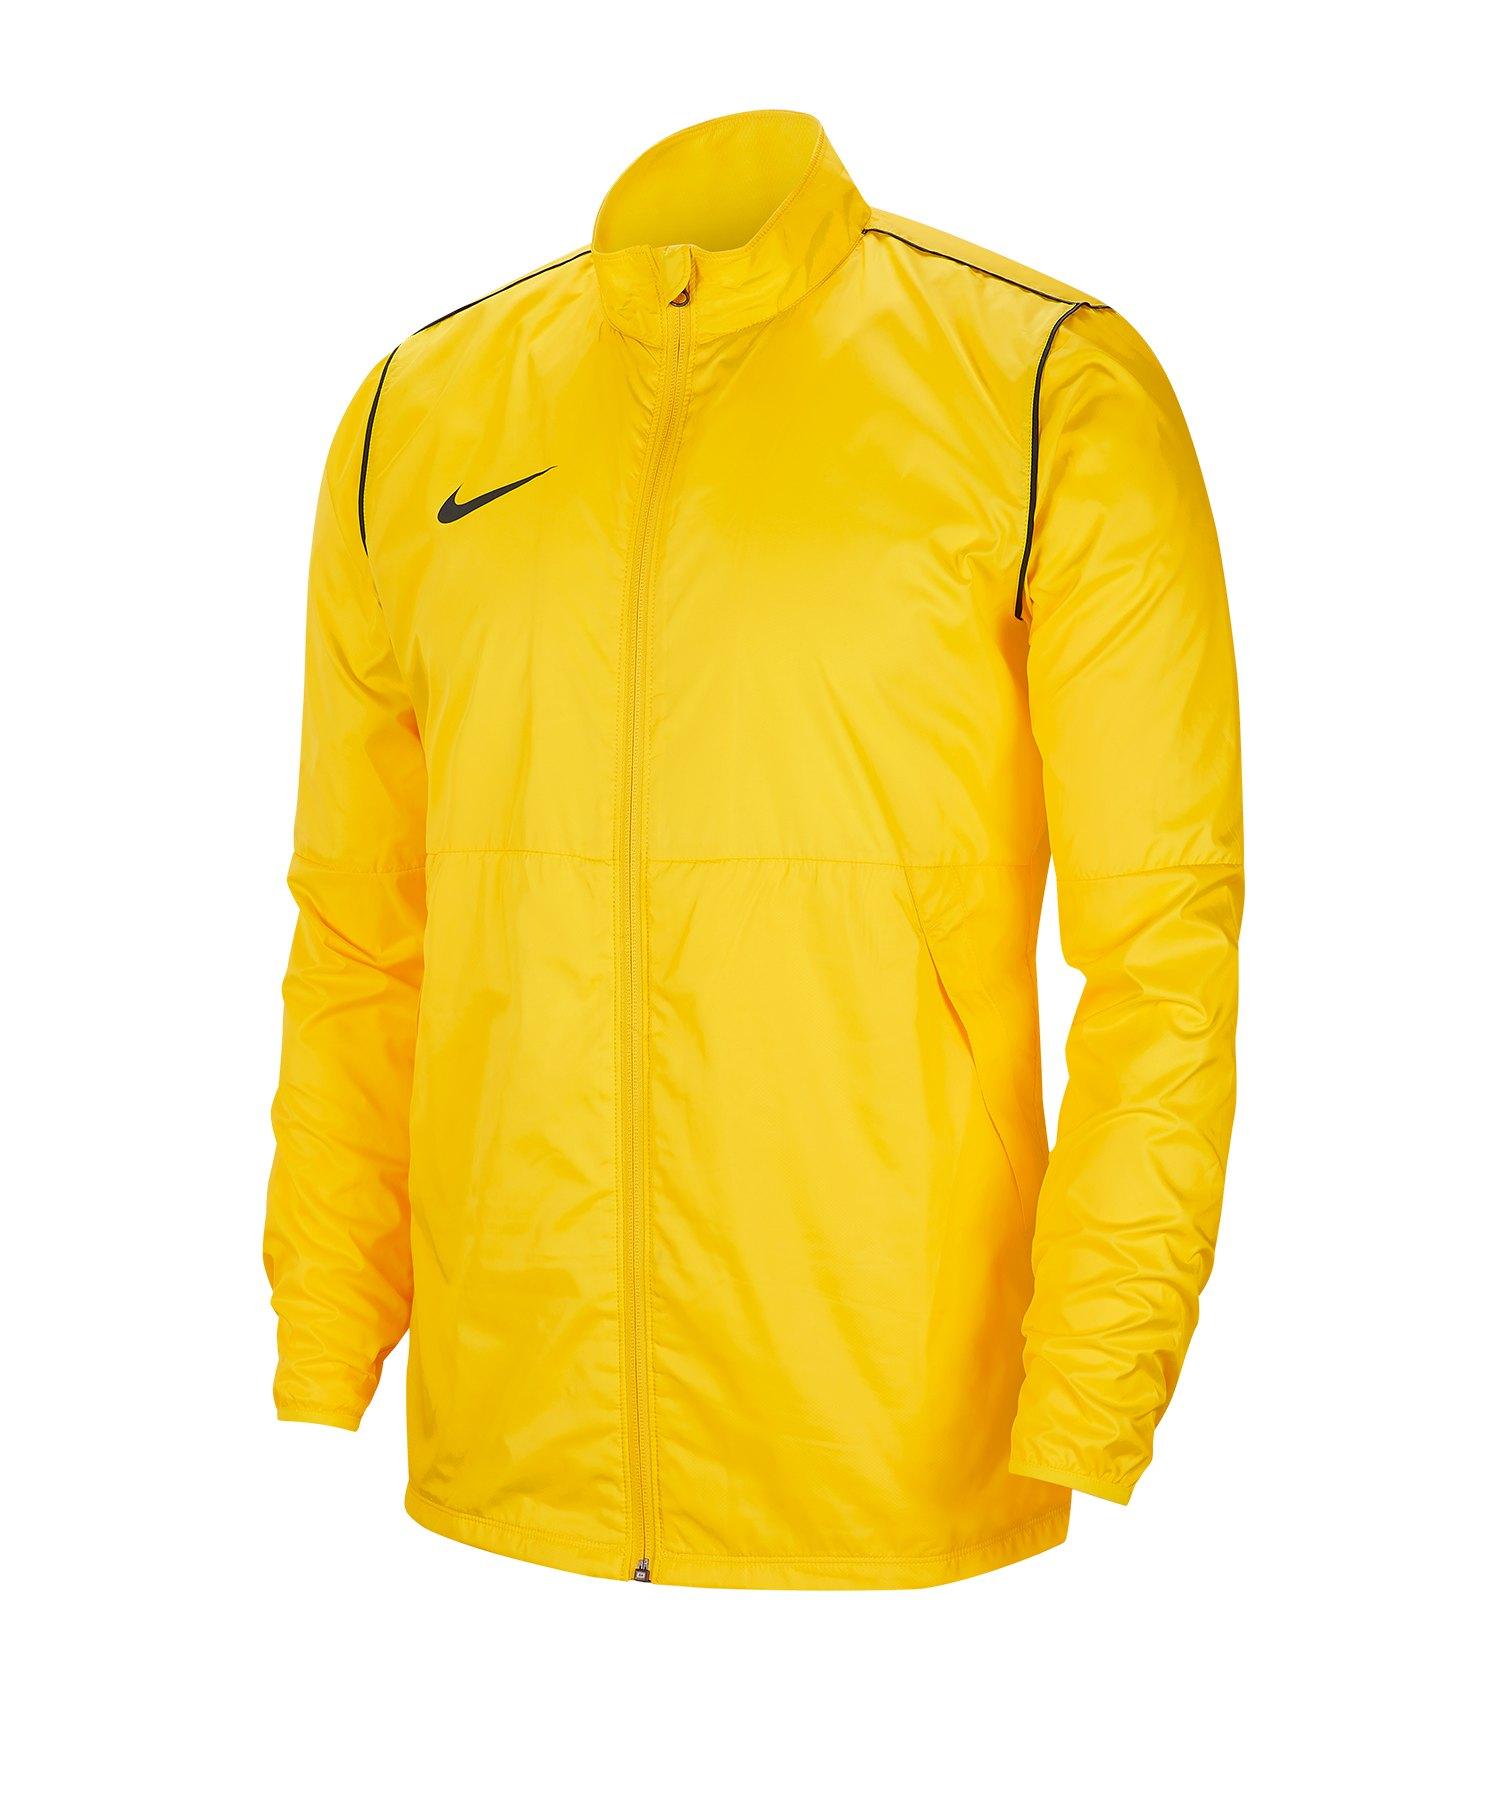 Nike Park 20 Regenjacke Gelb F719 - gelb